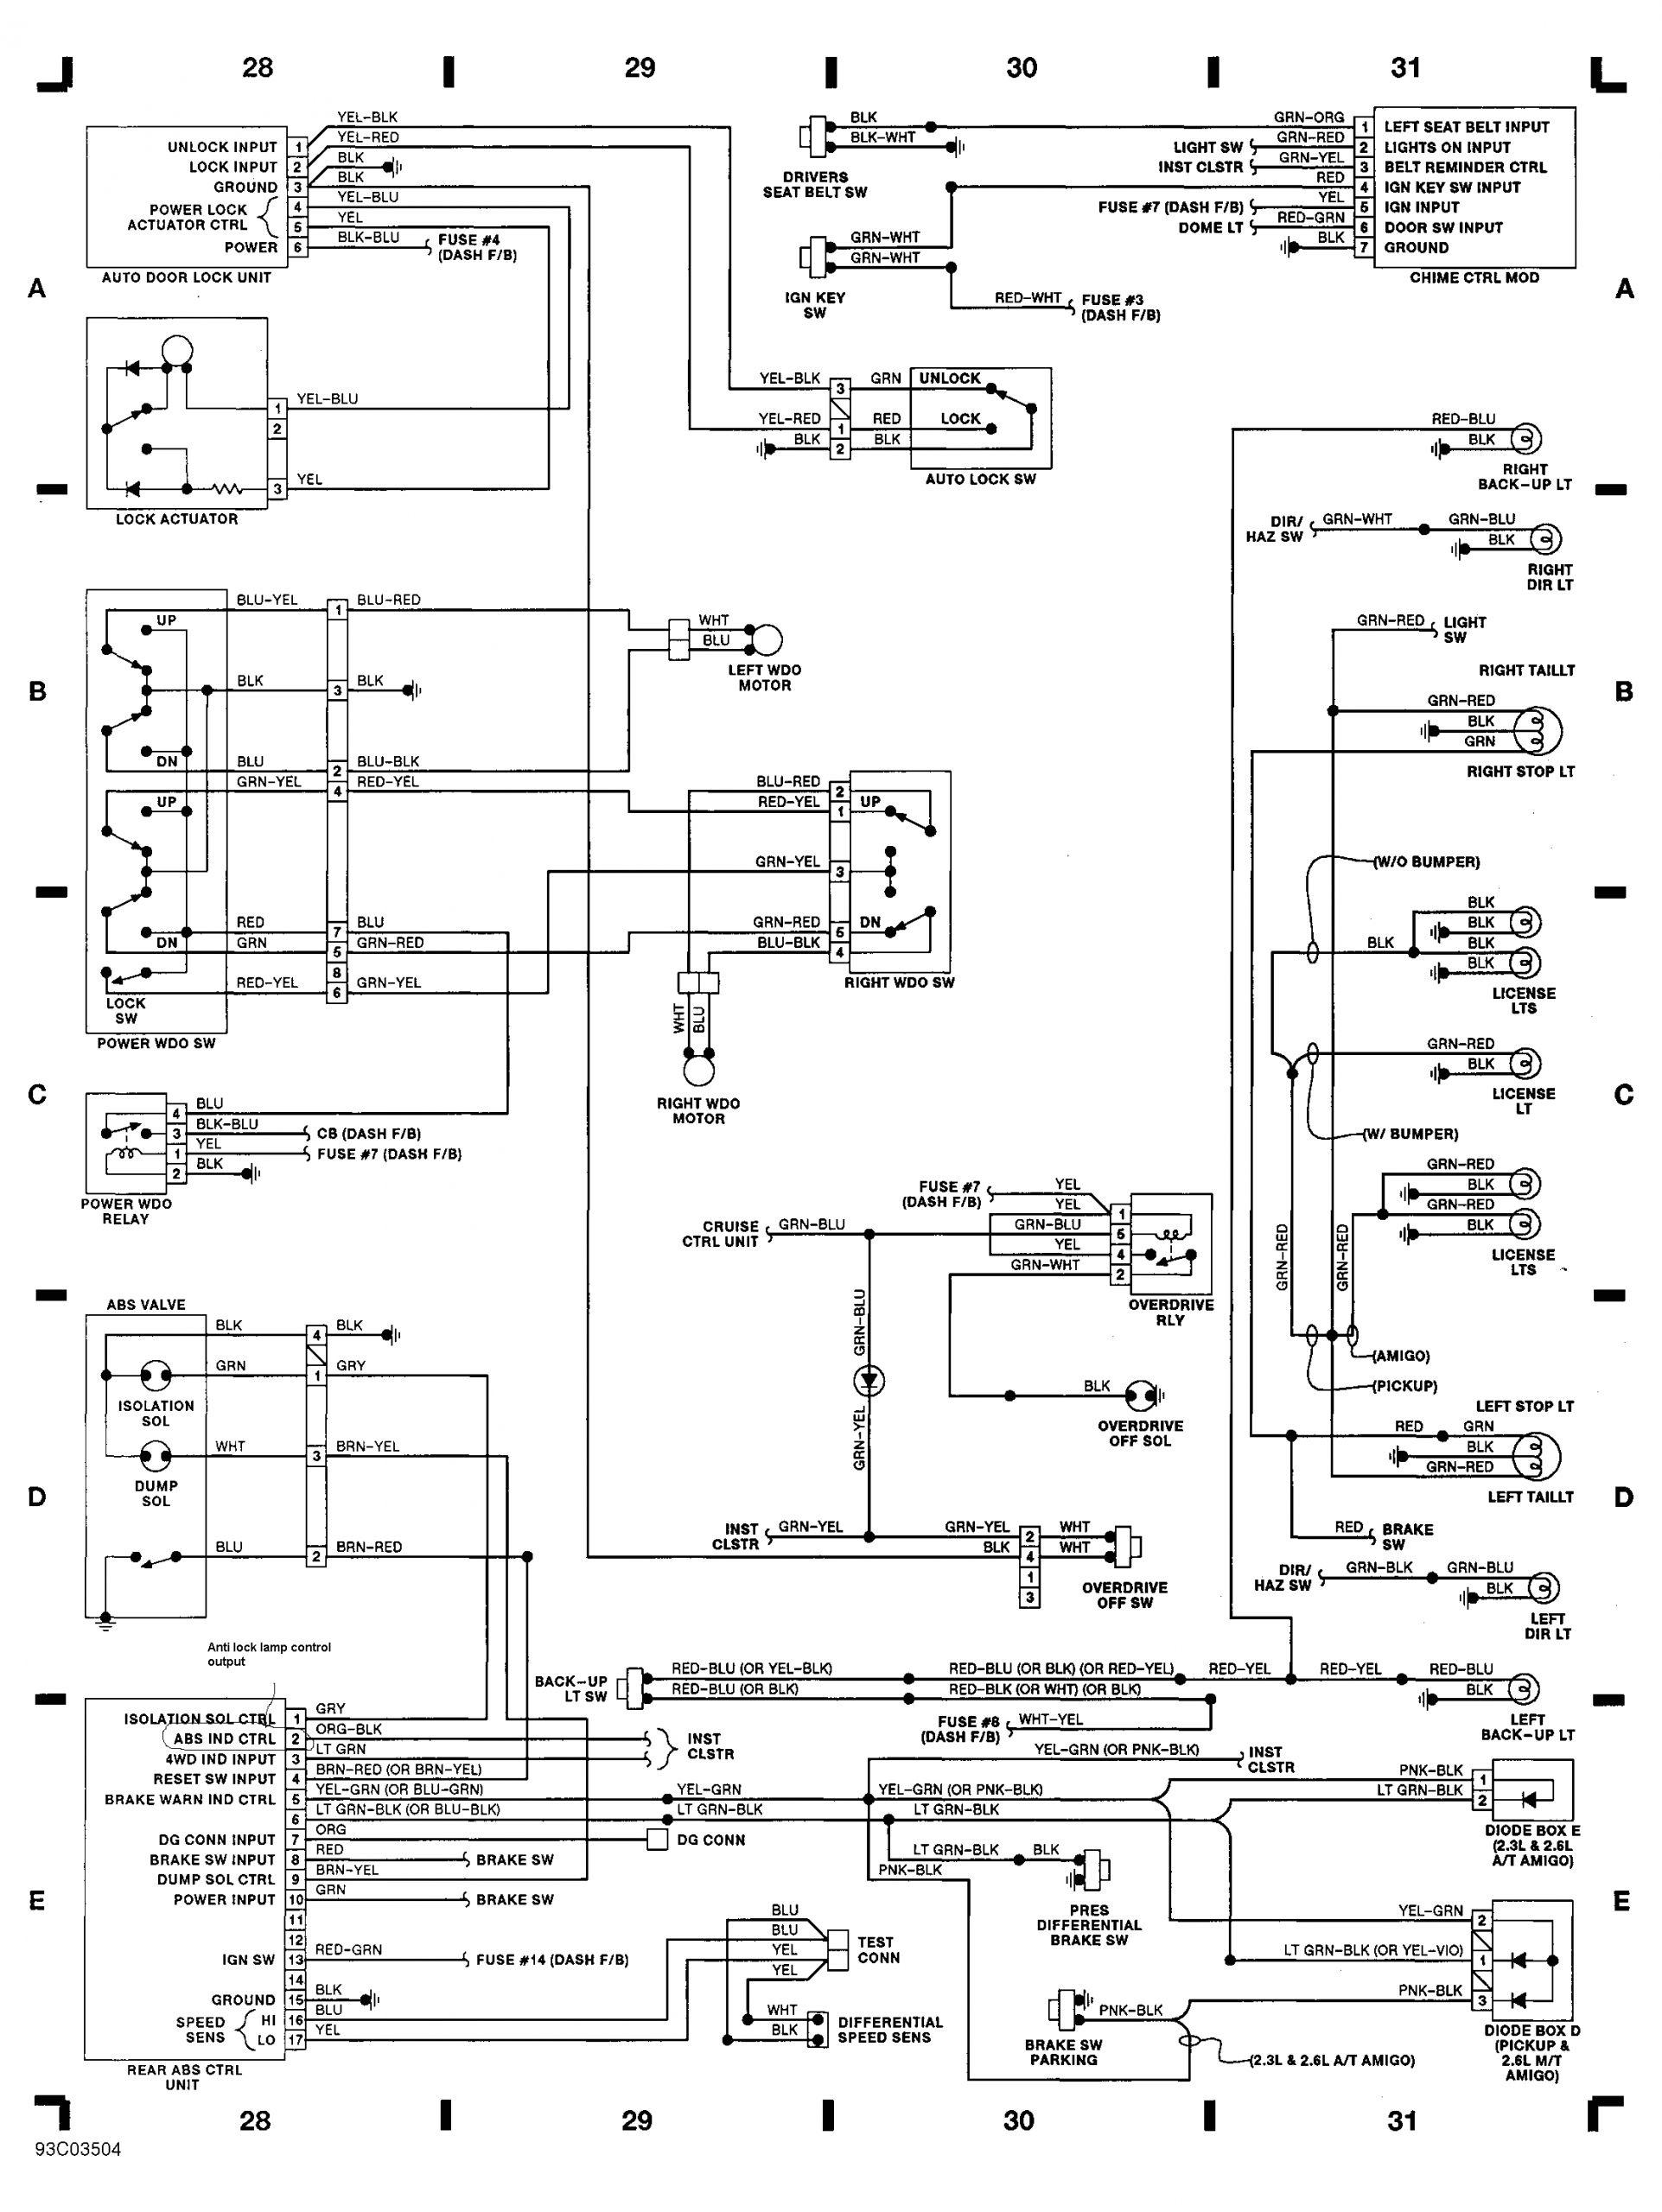 2001 isuzu Rodeo Wiring Diagram 95 isuzu Trooper Engine Diagram Wiring Library